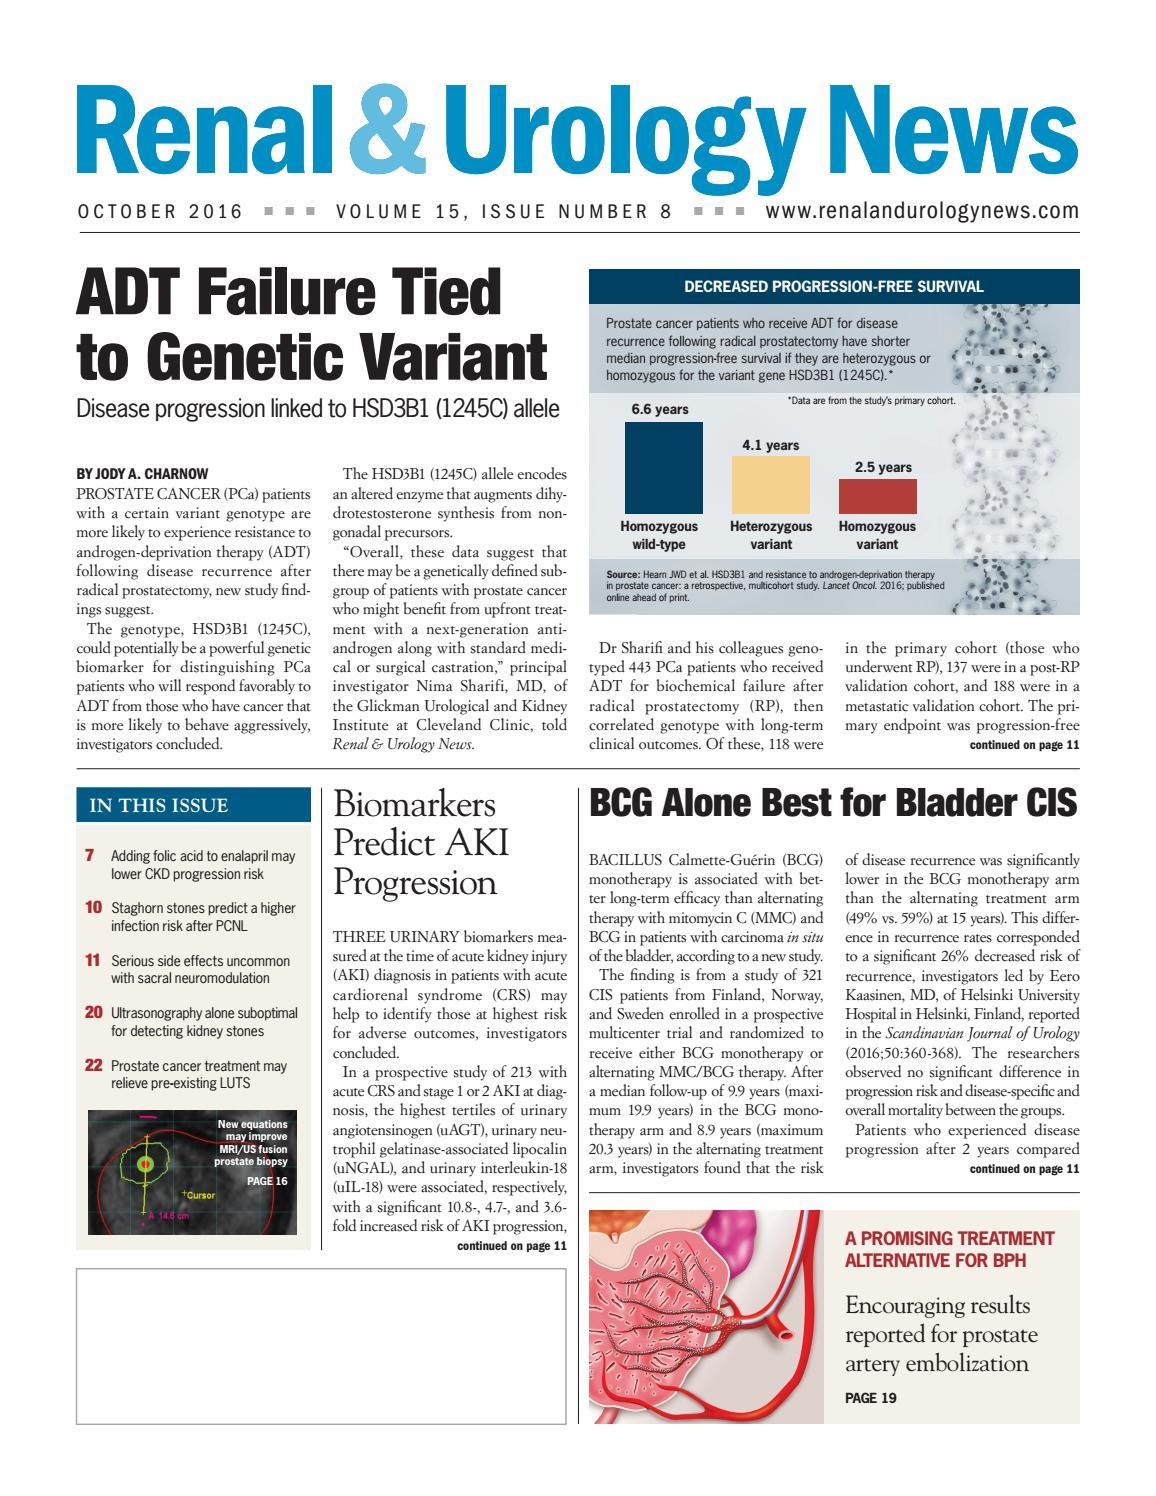 Renal & Urology News - October 2016 issue